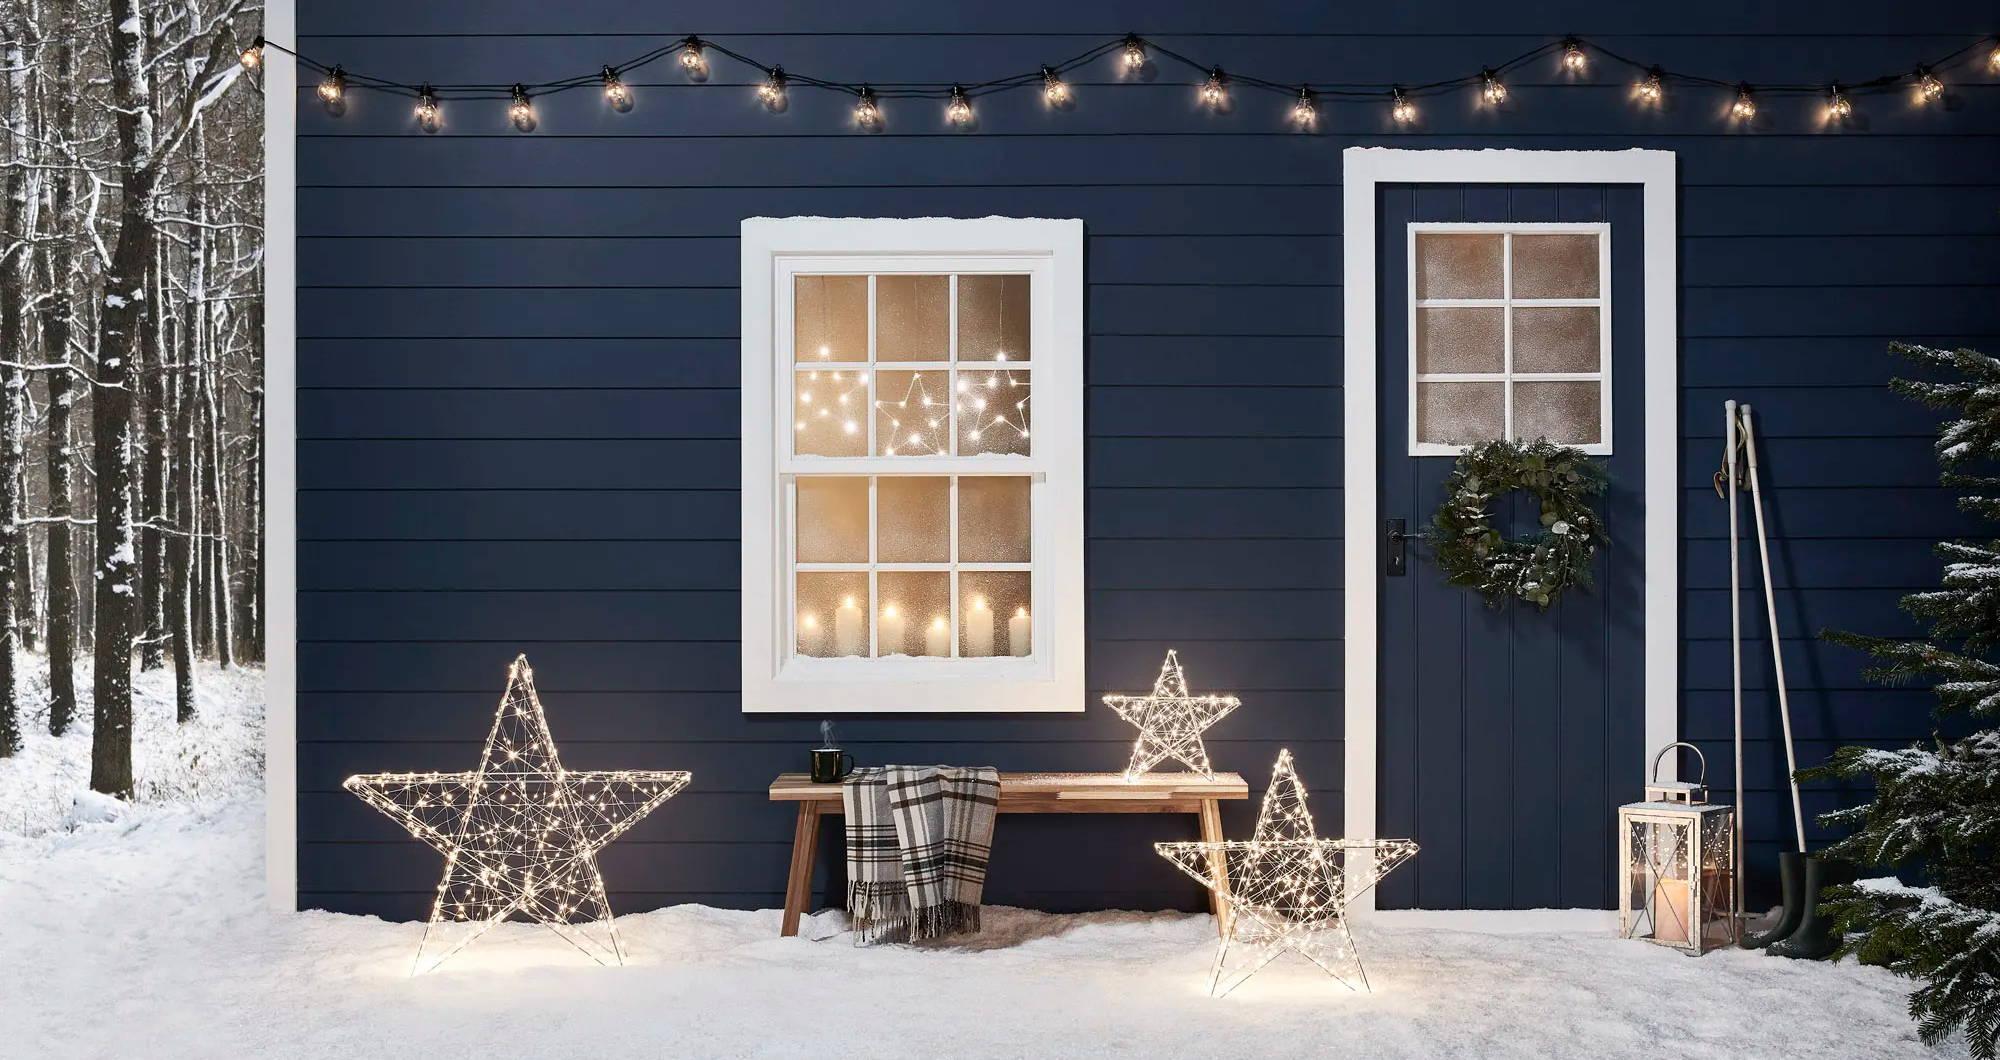 Etoiles lumineuses extérieures devant une cabane d'hiver bleue